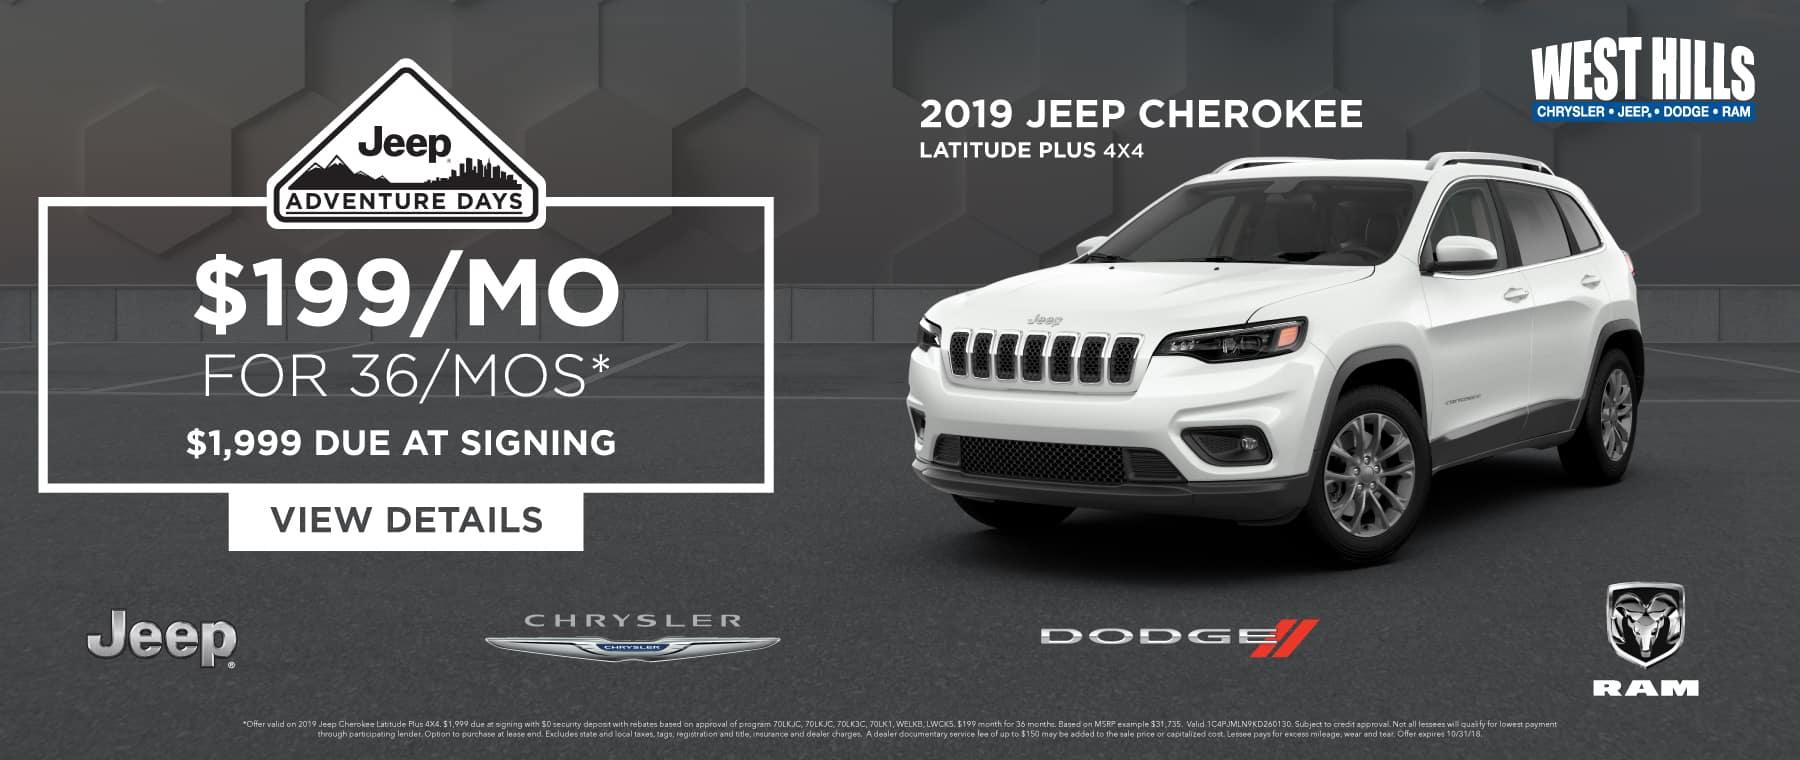 West Hills Chrysler, Dodge, Jeep, Ram | Auto Dealer In Bremerton, WA